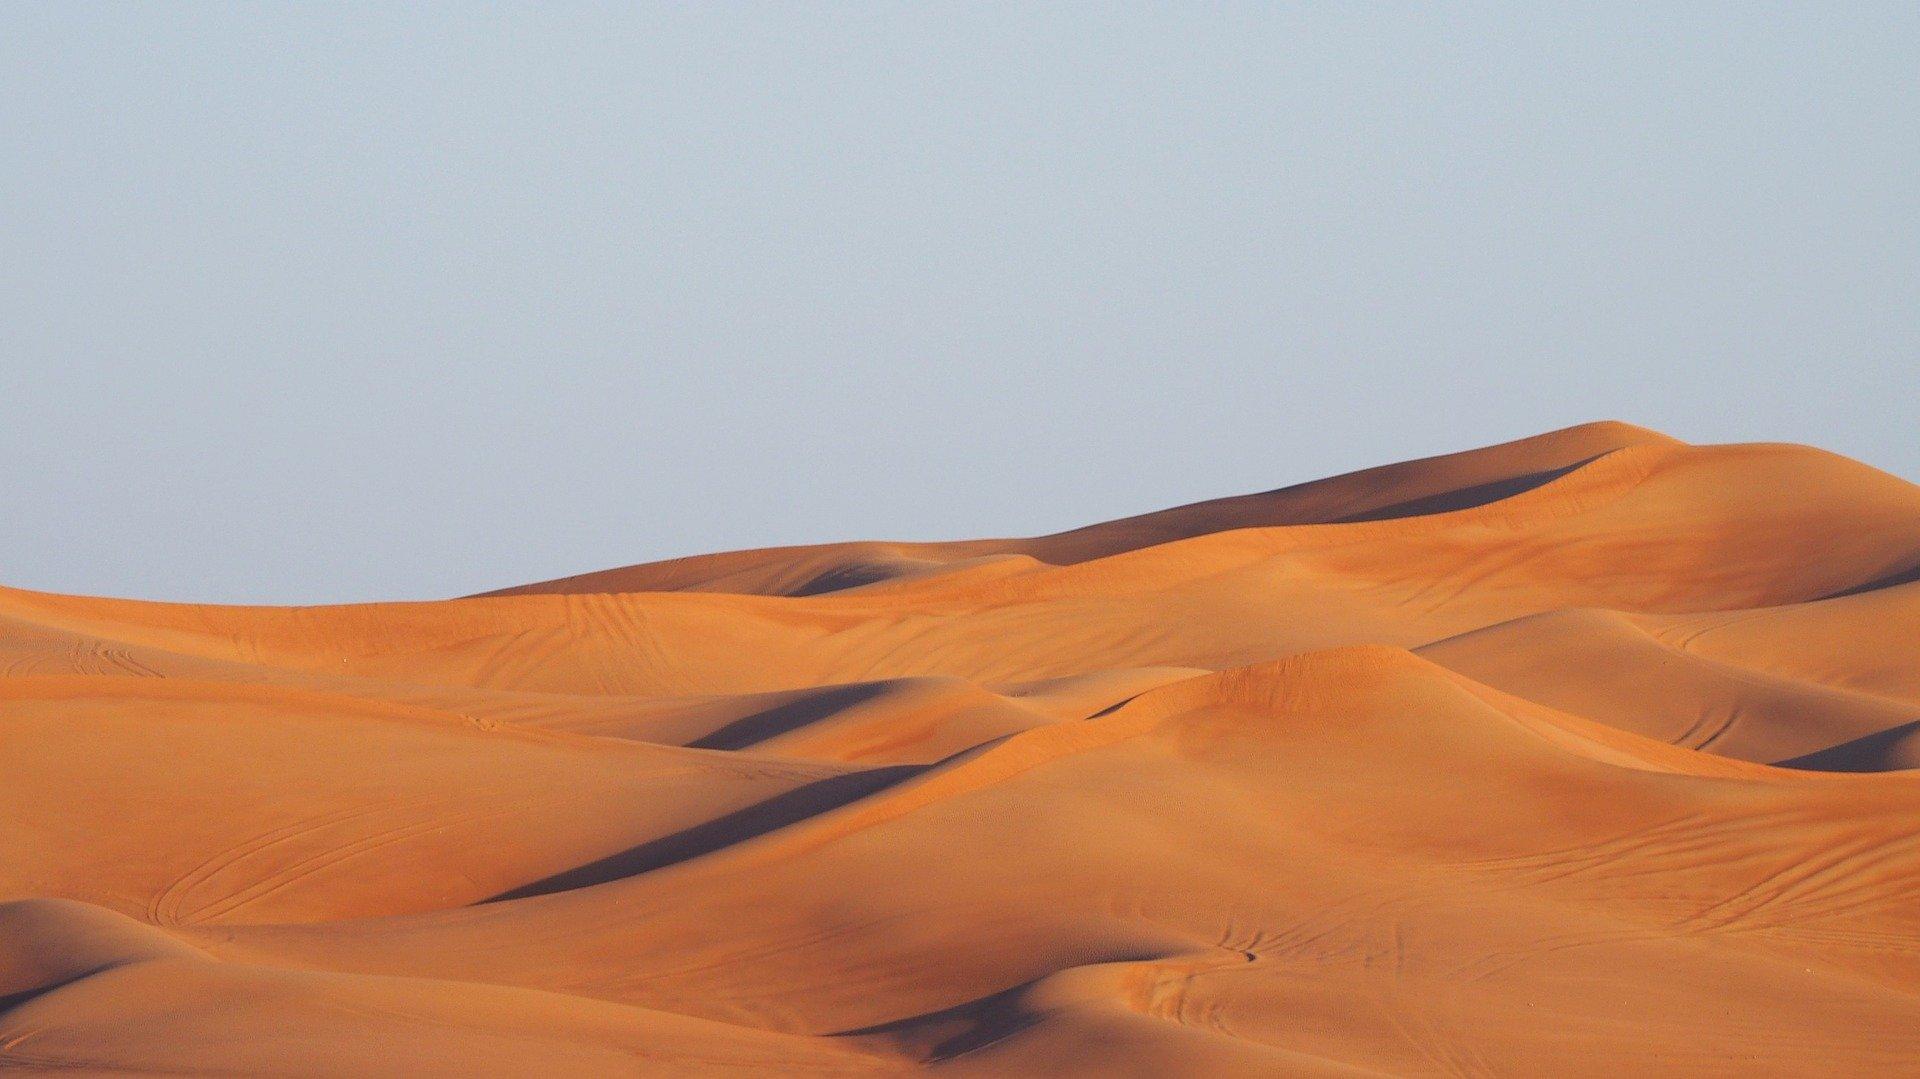 『アラビアのロレンス』映画のあらすじ・音楽や名言・感想まとめ